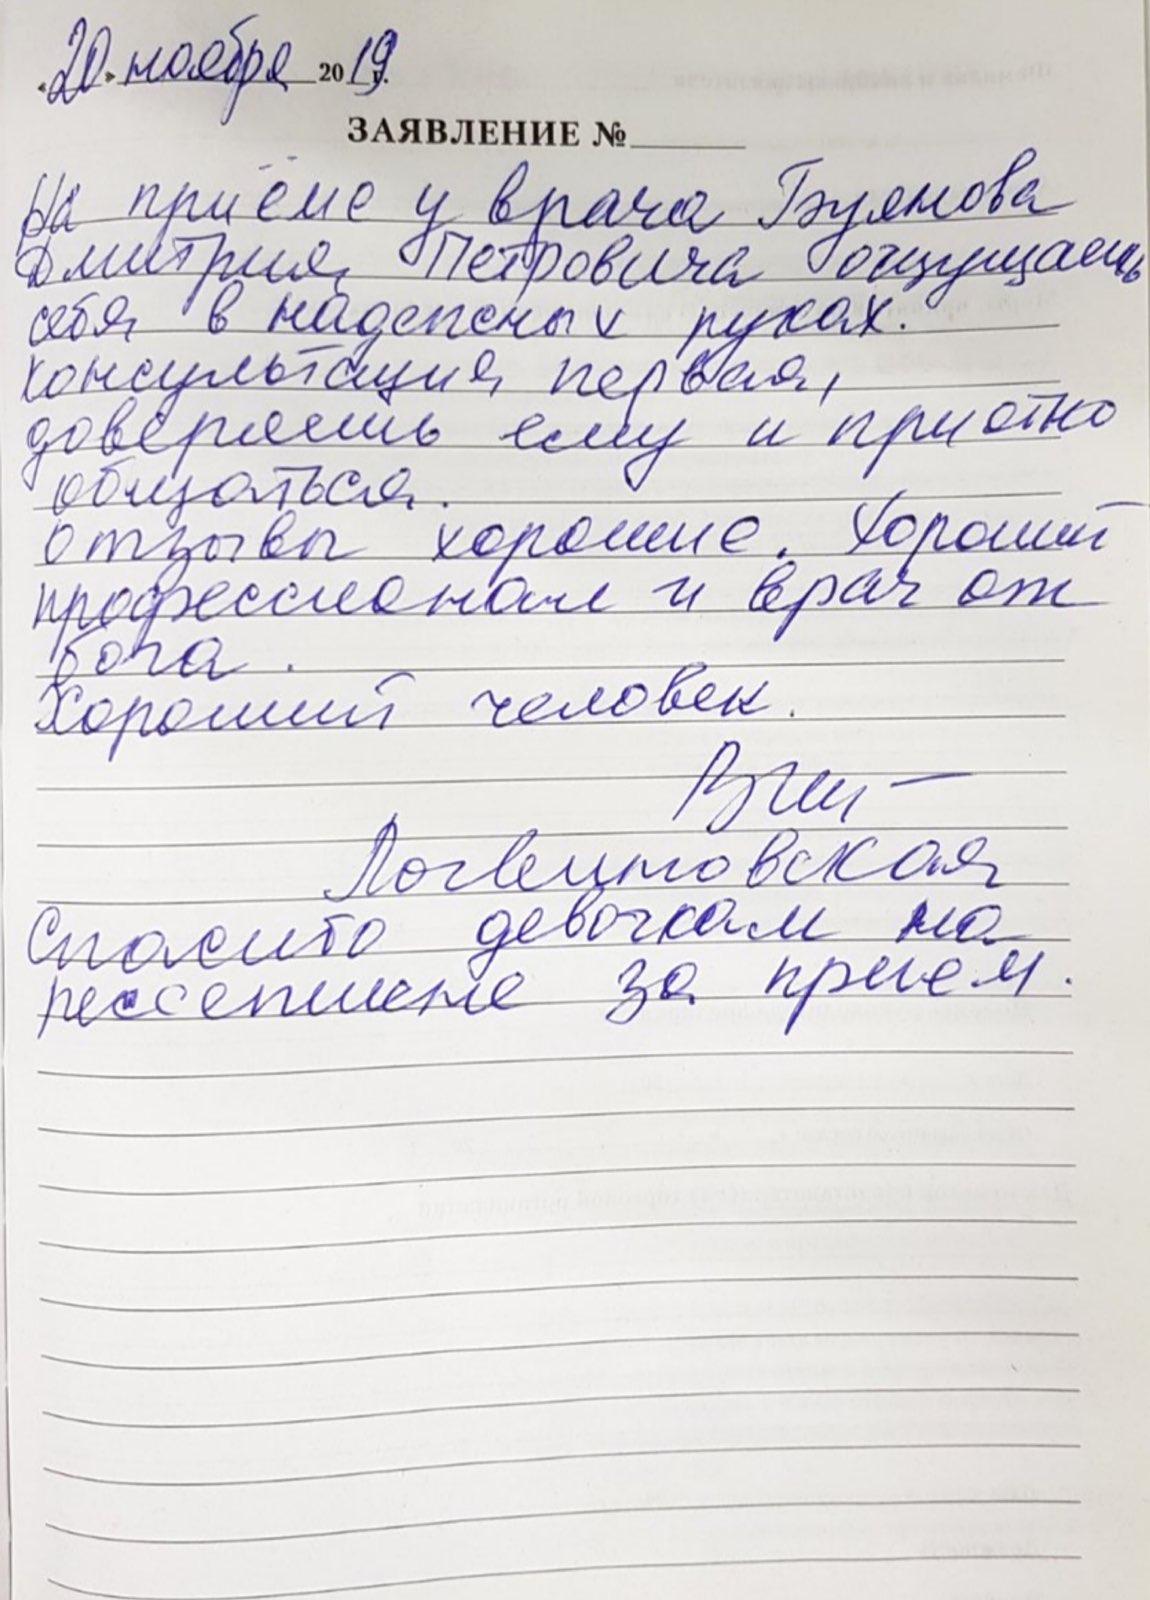 <em>Редактировать Отзыв</em> Валентина Анисимовна. Стоматология Фларт